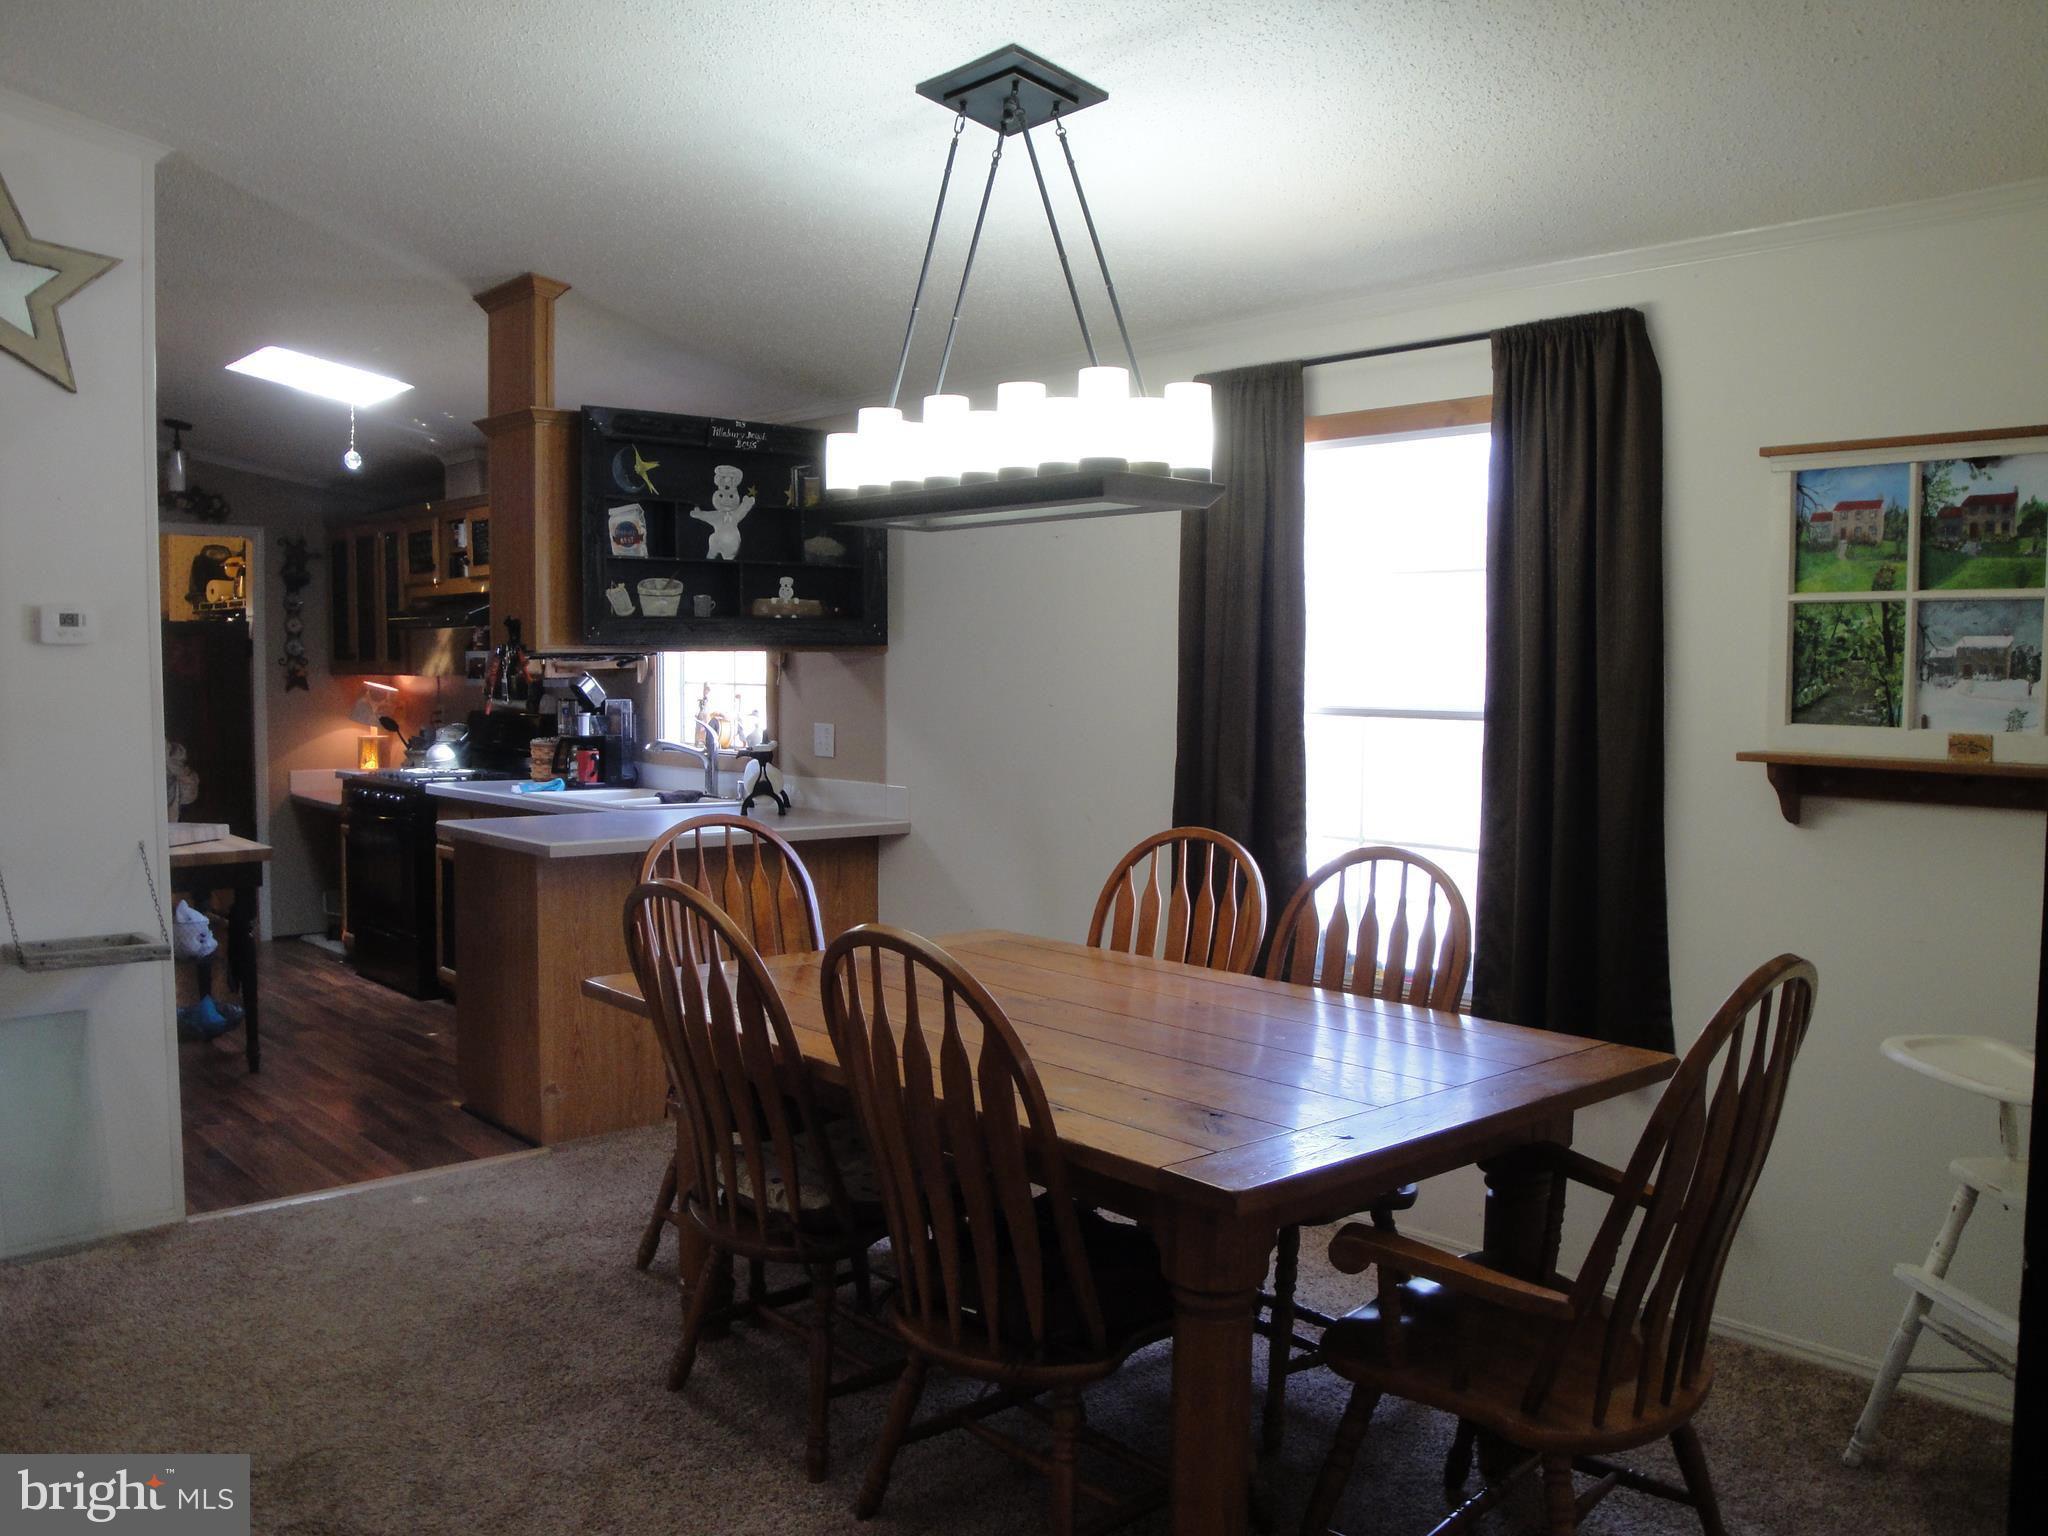 897 Avondale Rd, Martinsburg, WV 25404 - 3 Bed, 2 Bath Multi-Family ...